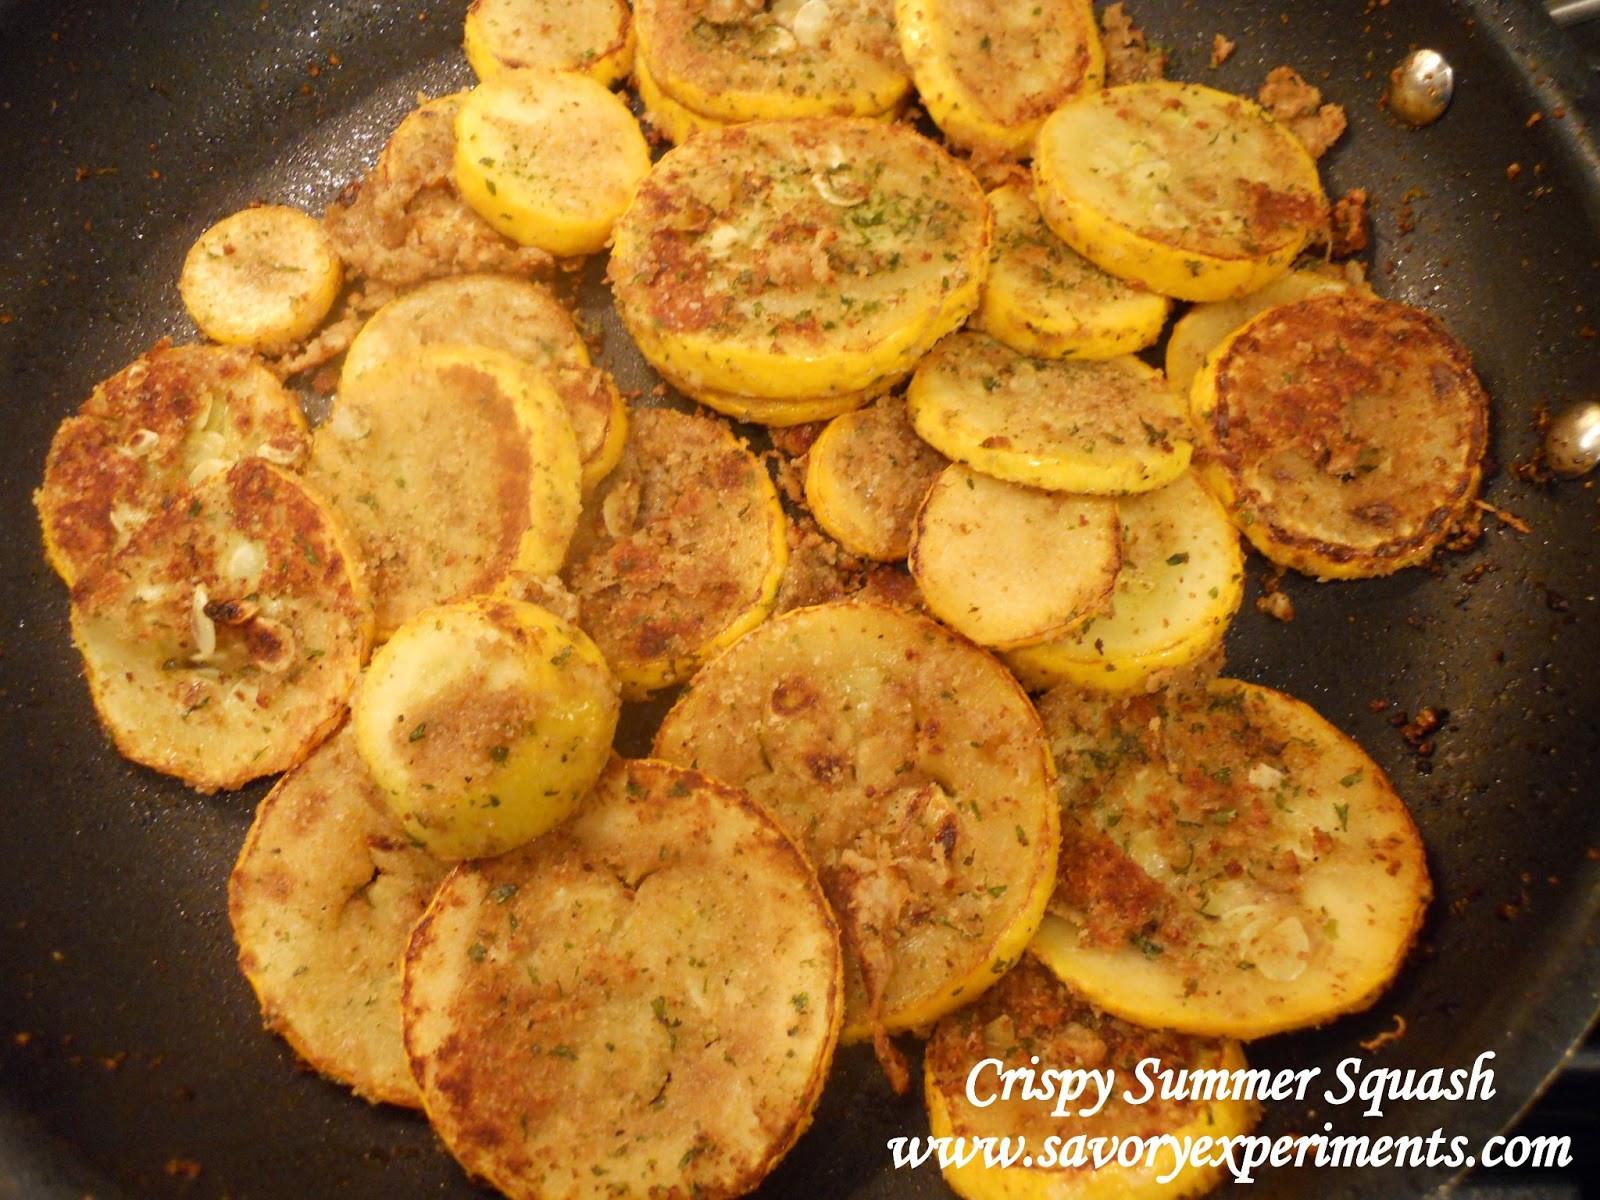 Summer Squash Recipe  Squash Recipe Recipes With Summer Squash